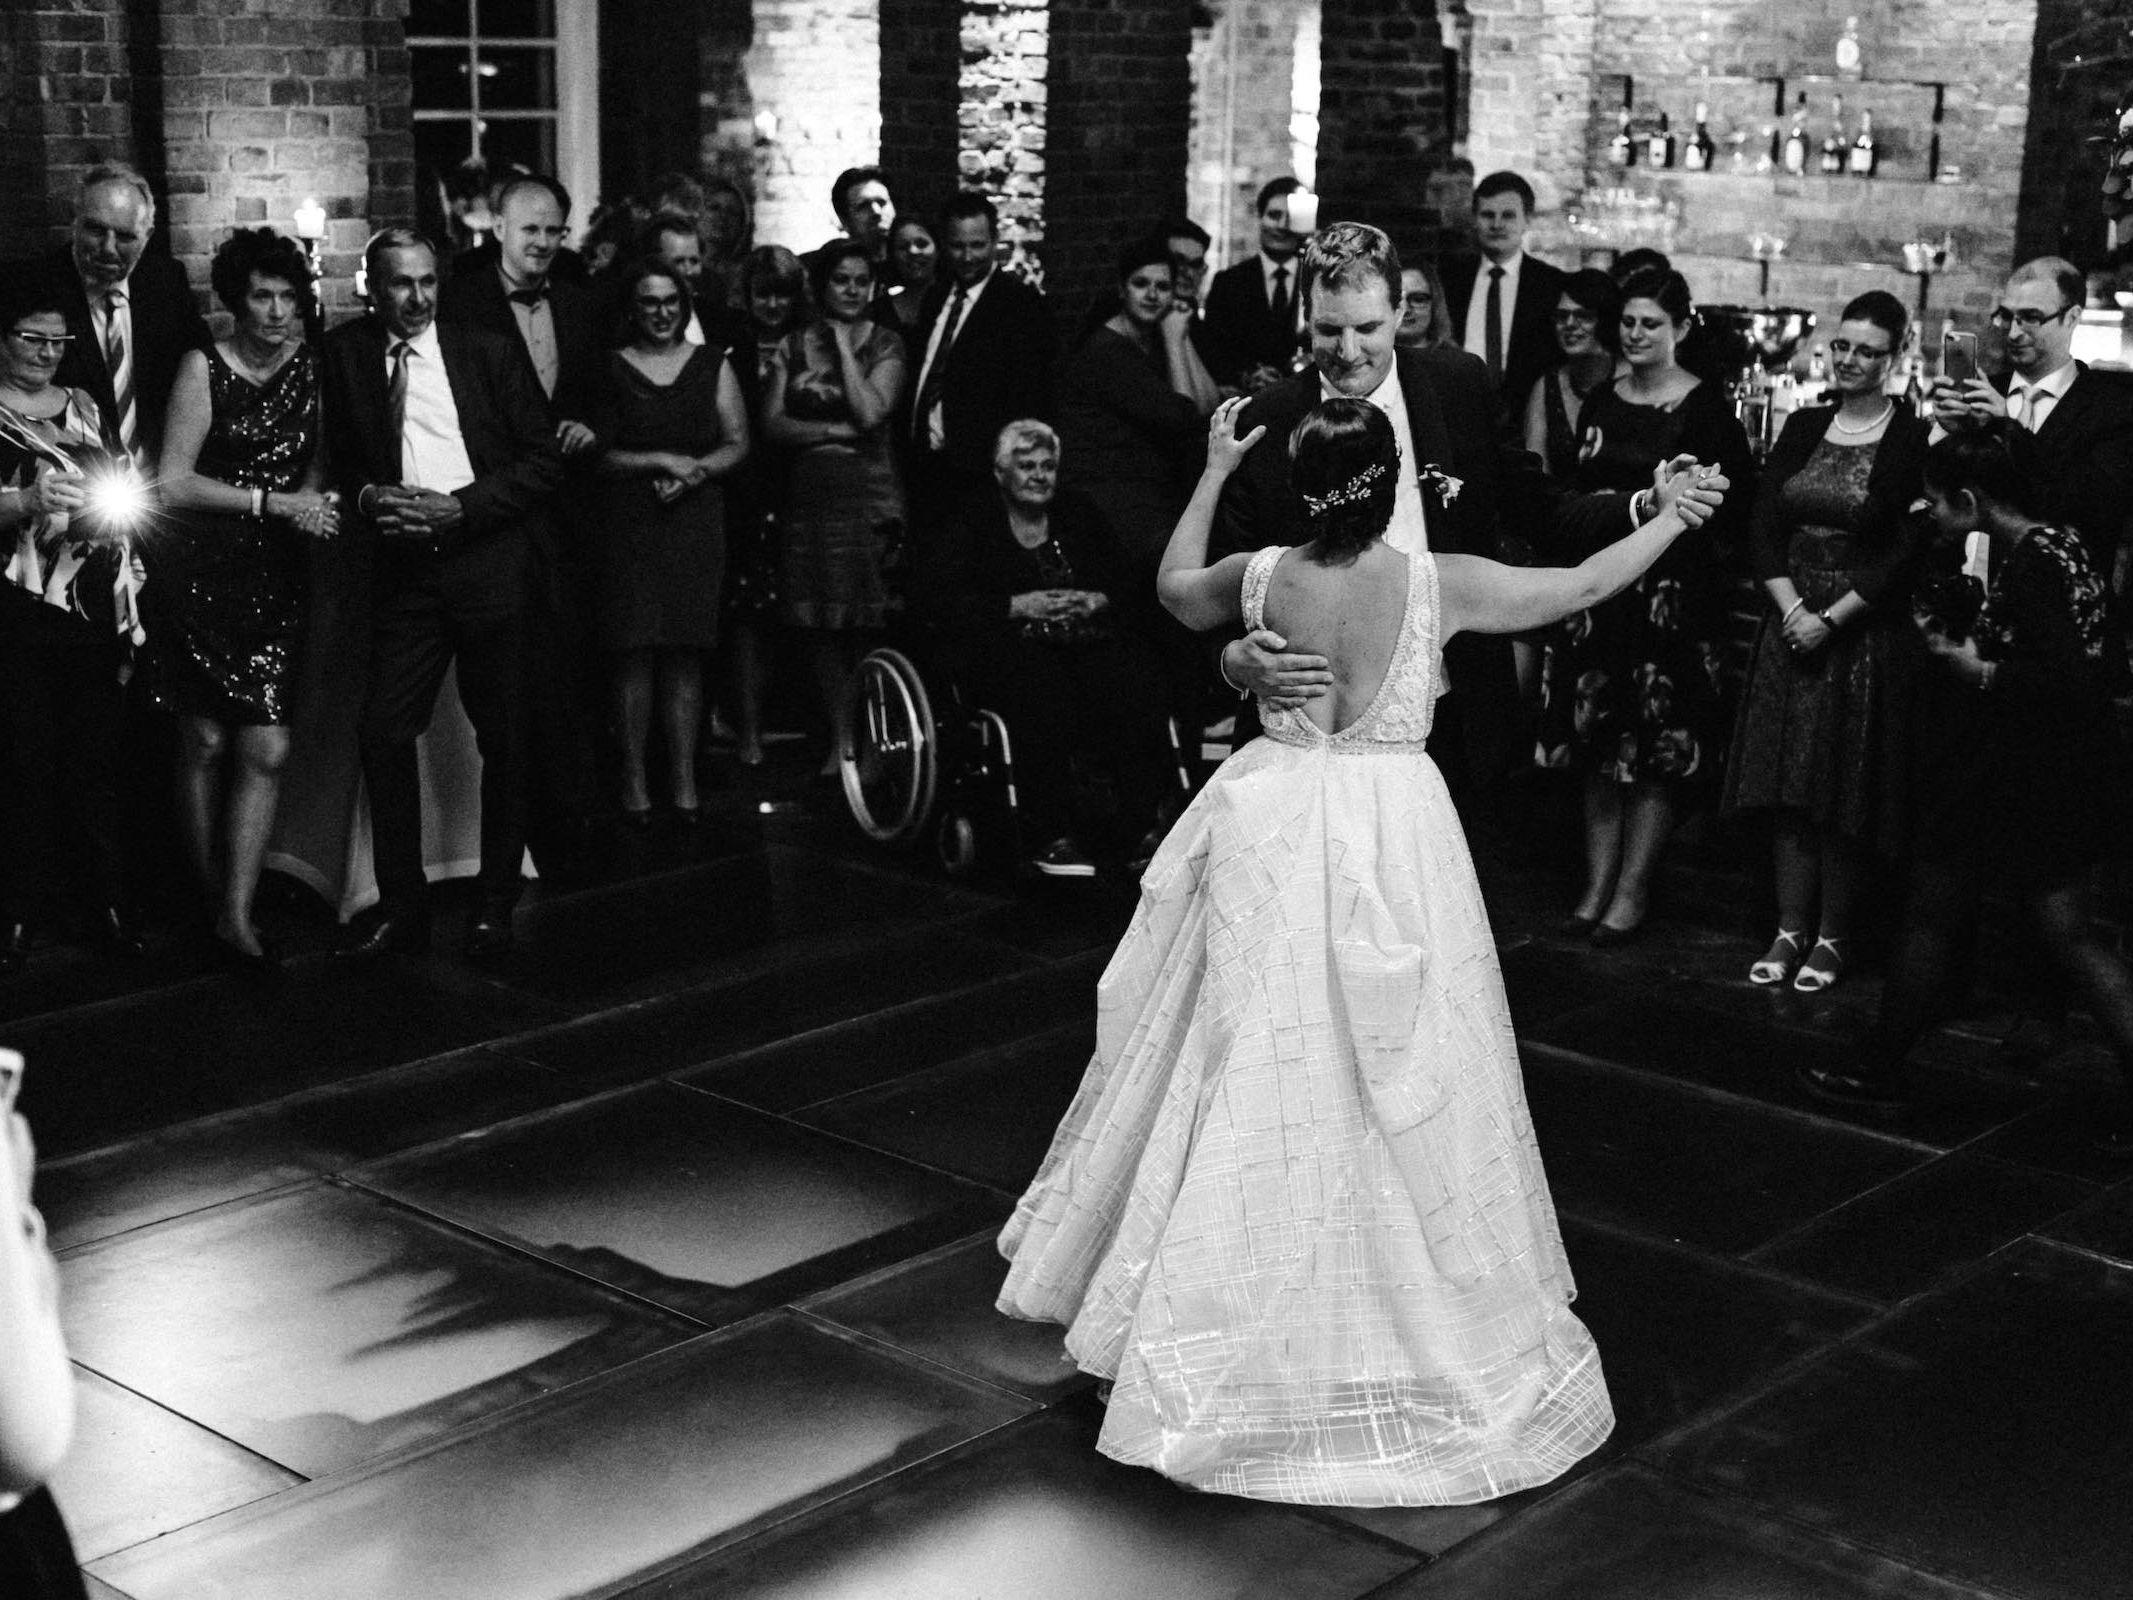 Burg | Königsworth | Roneburg | Hannover | Hochzeit | Geburtstag | Firmenfeier | Feiern | Locations | DJ | Hochzeit | DJ | Eröffnungstanz | Hochzeitsplanung | Hochzeitsplaner | Referenz | Lehmann | Eventservice